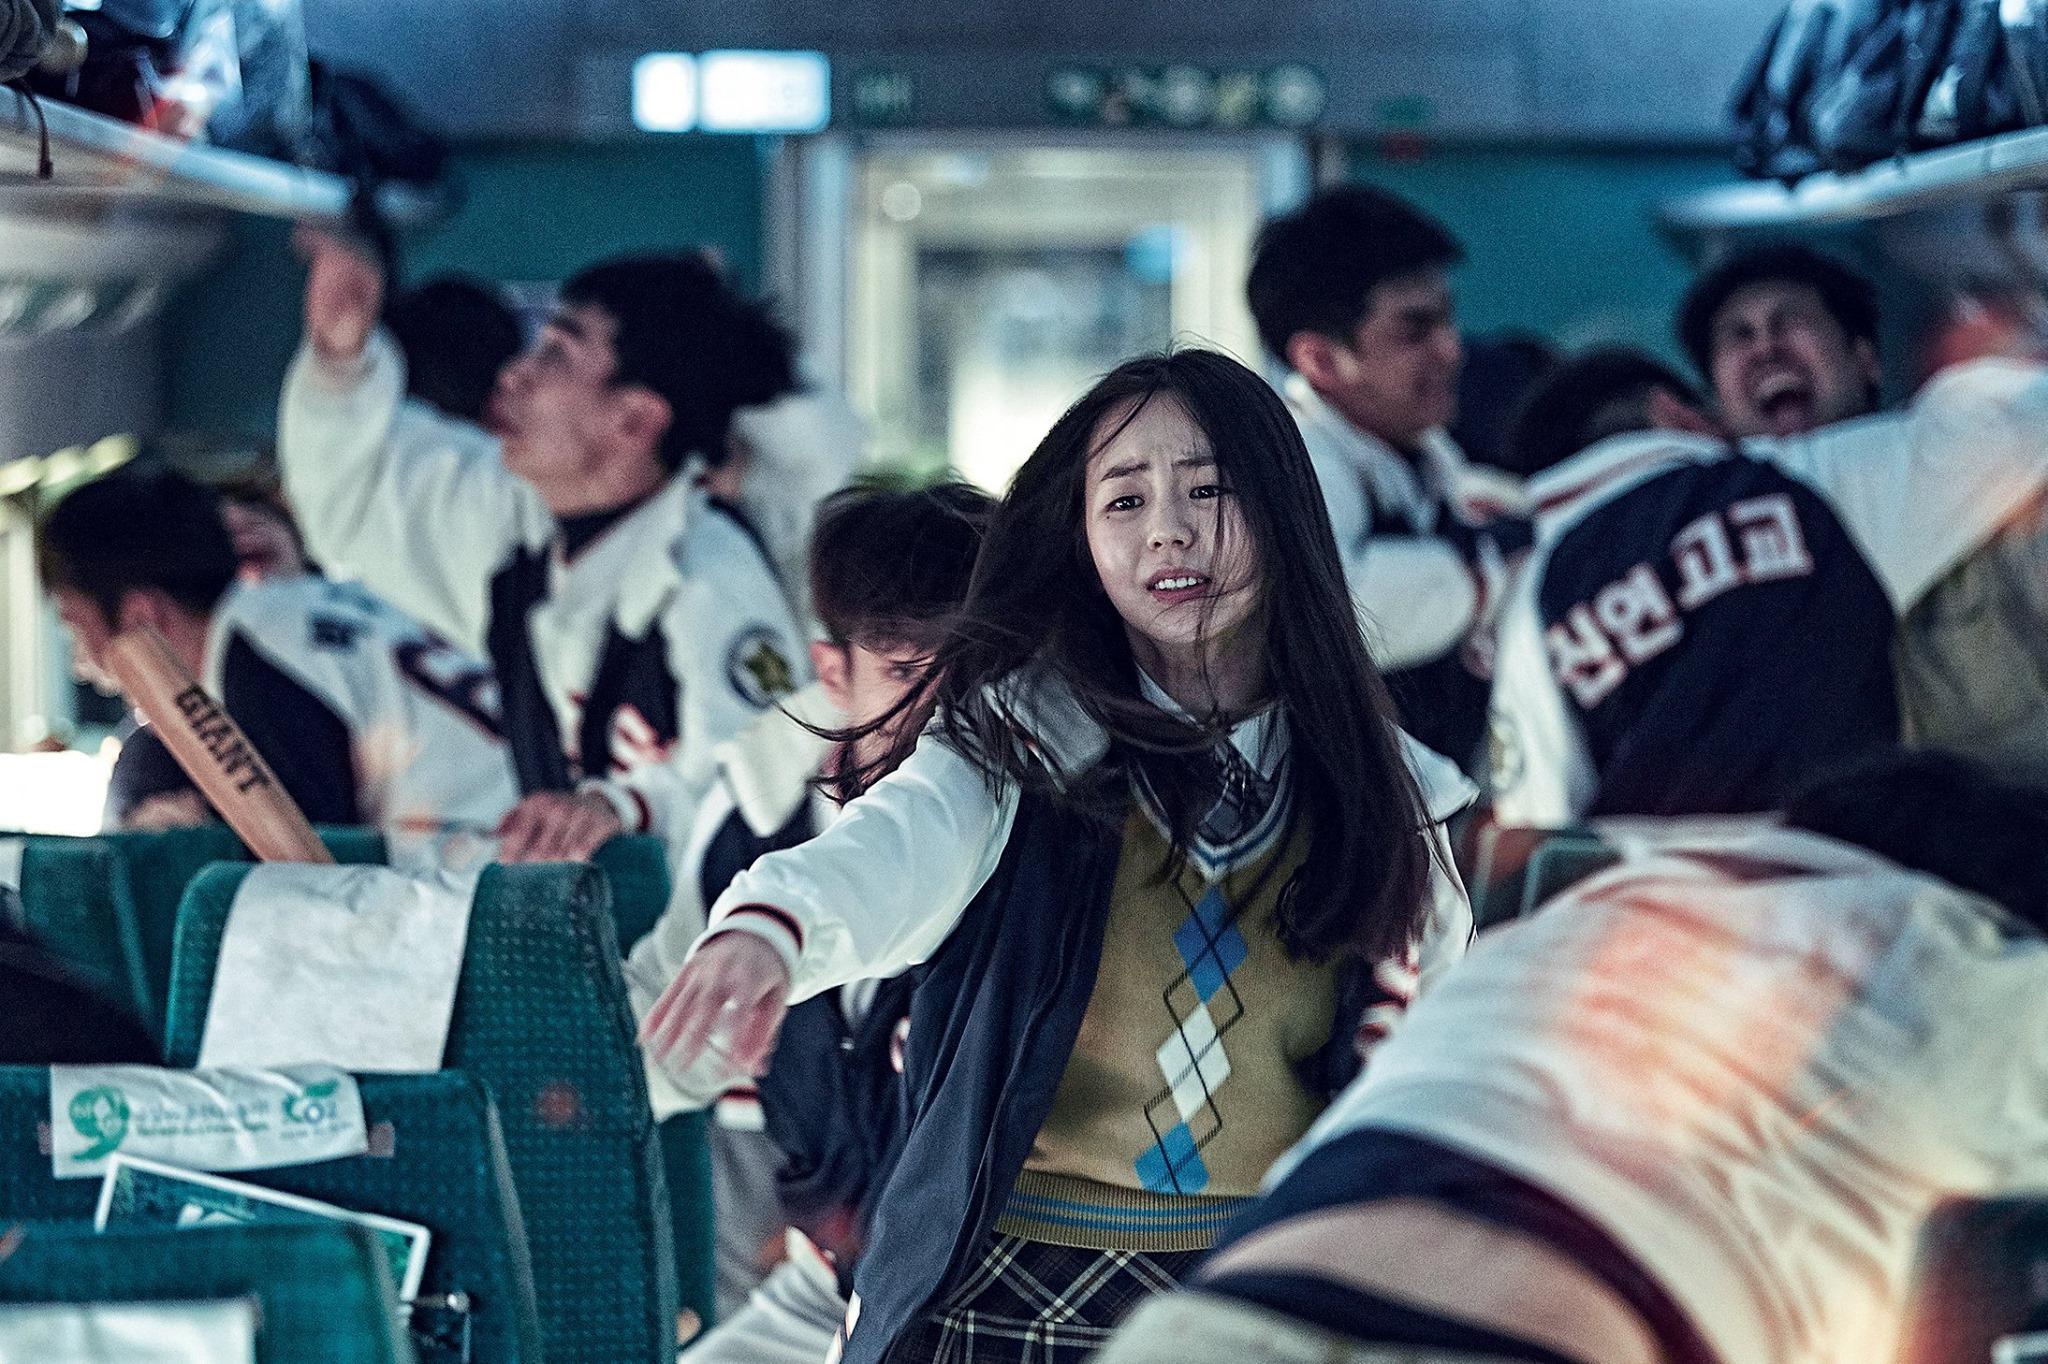 10 Foto Di Balik Layar Train To Busan Film Zombie Korea Yang S